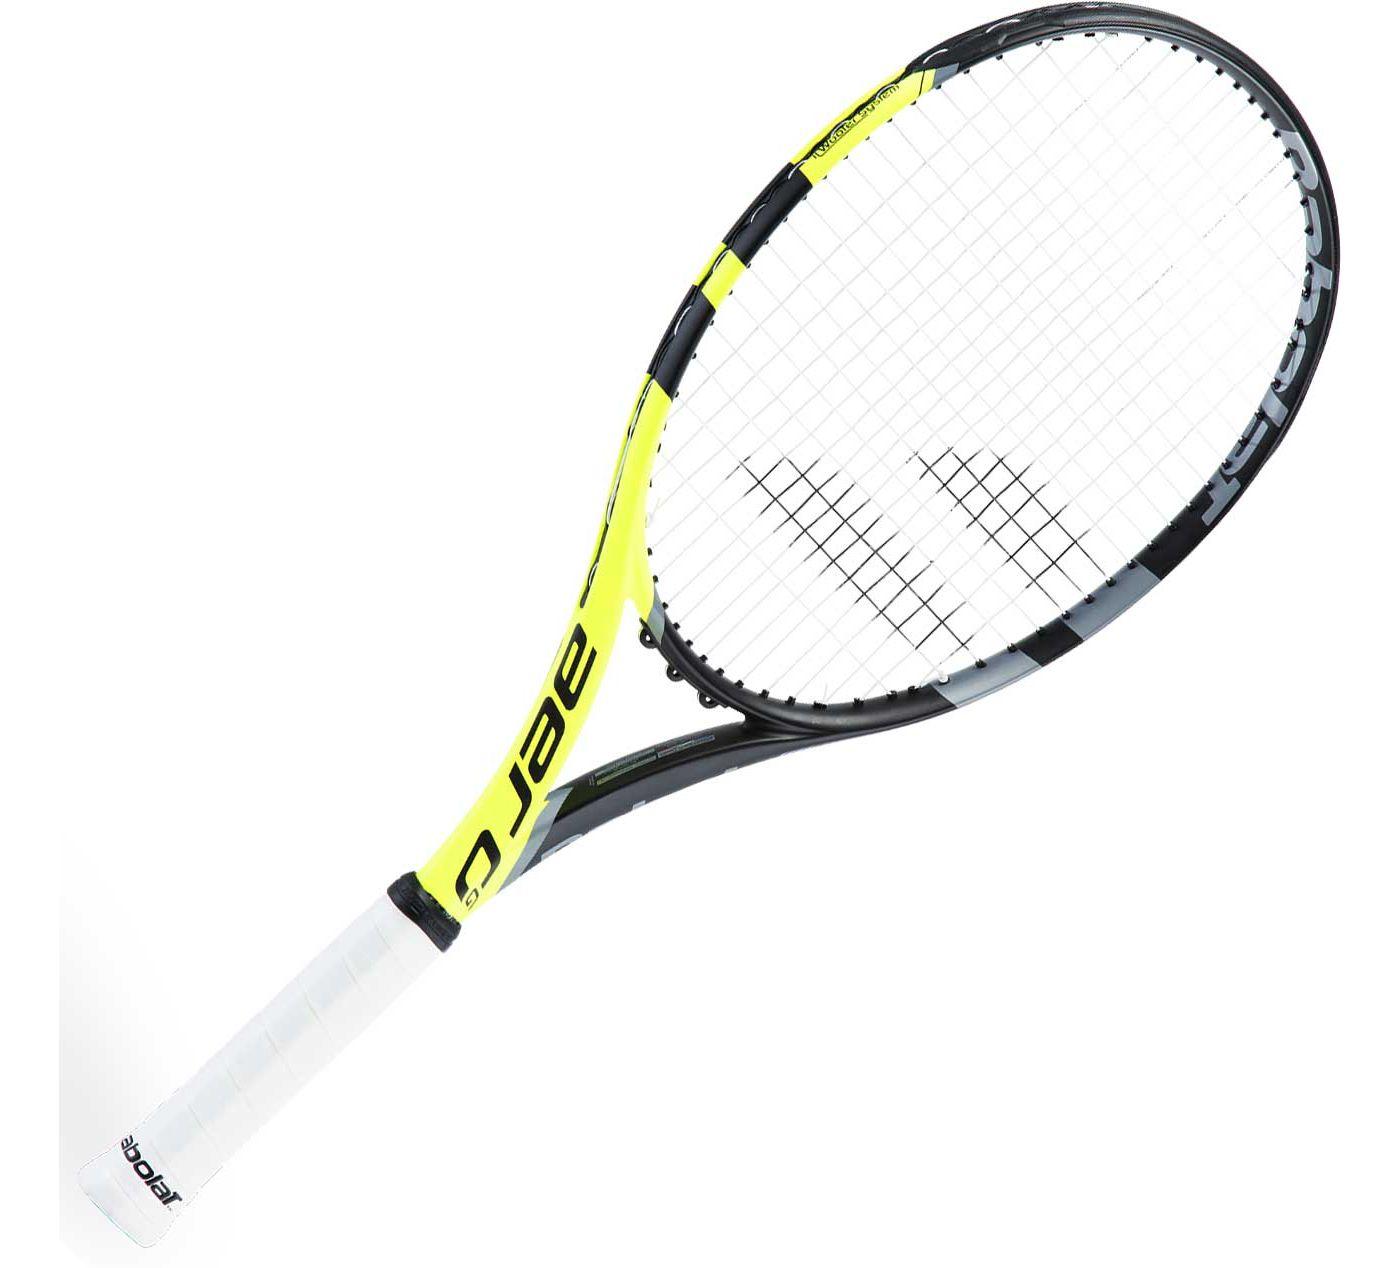 Babolat Aero G Pro Tennis Racquet